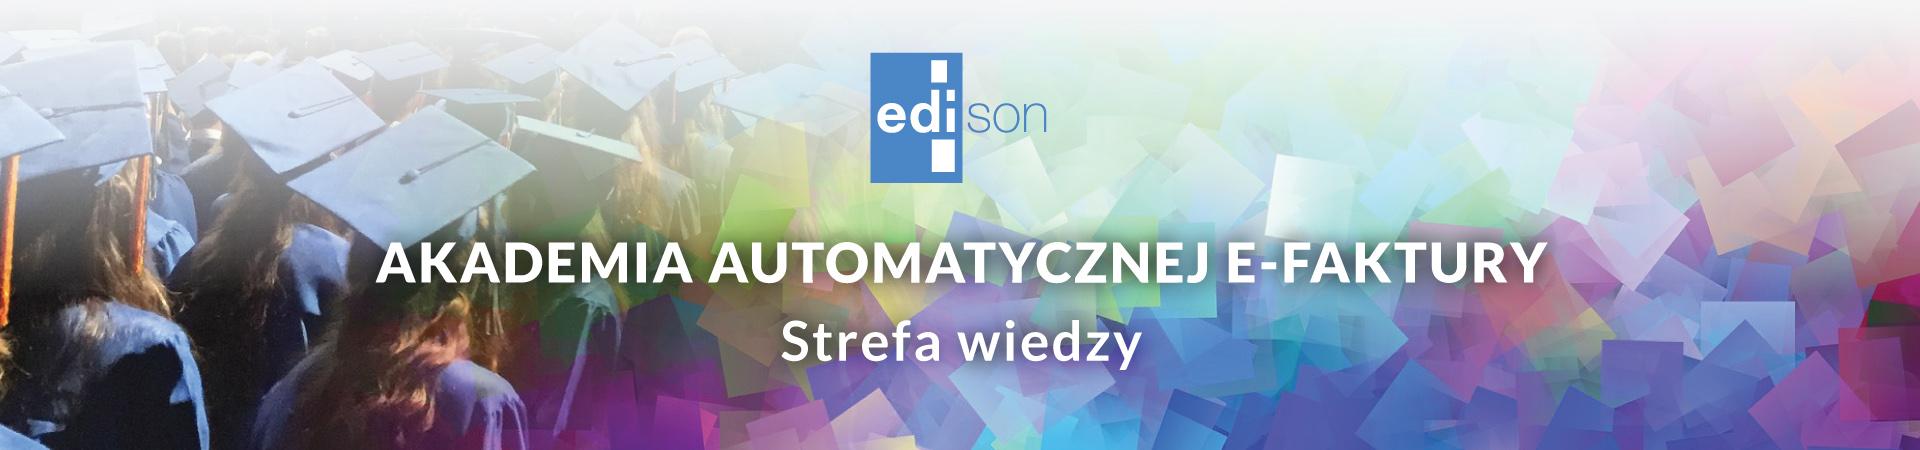 edison_www_slider_akademia_faktury2